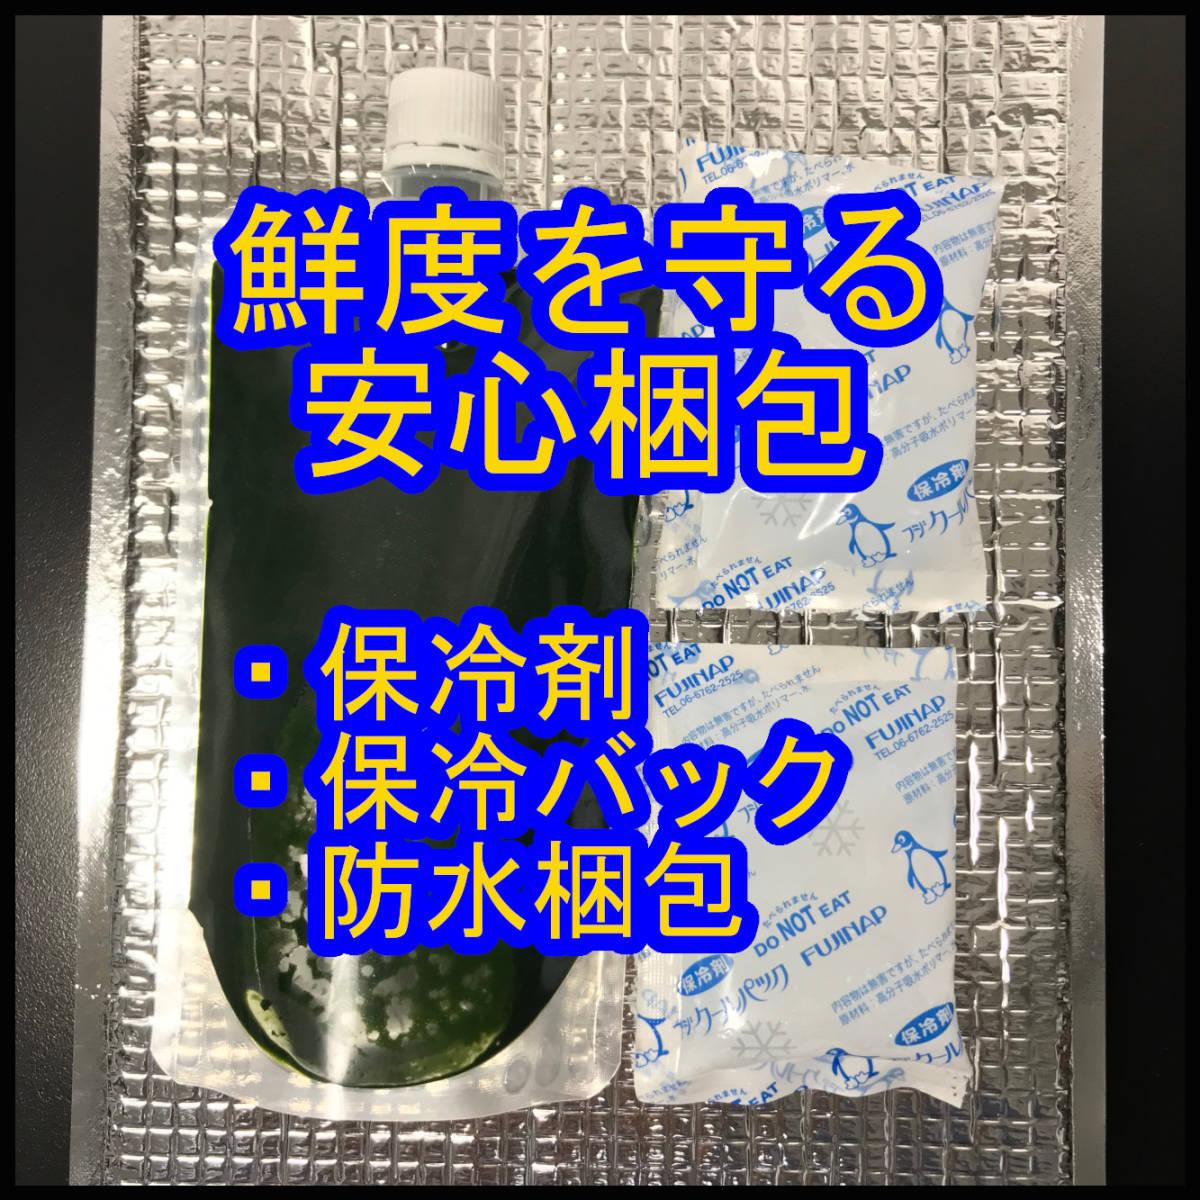 クール便★和香特選生クロレラ1200ml★即日発送★ミジンコめだか金魚らんちゅうの餌 針子稚魚の青水作 ワムシゾウリムシ生餌ミドリムシ_新鮮な状態で保冷発送します